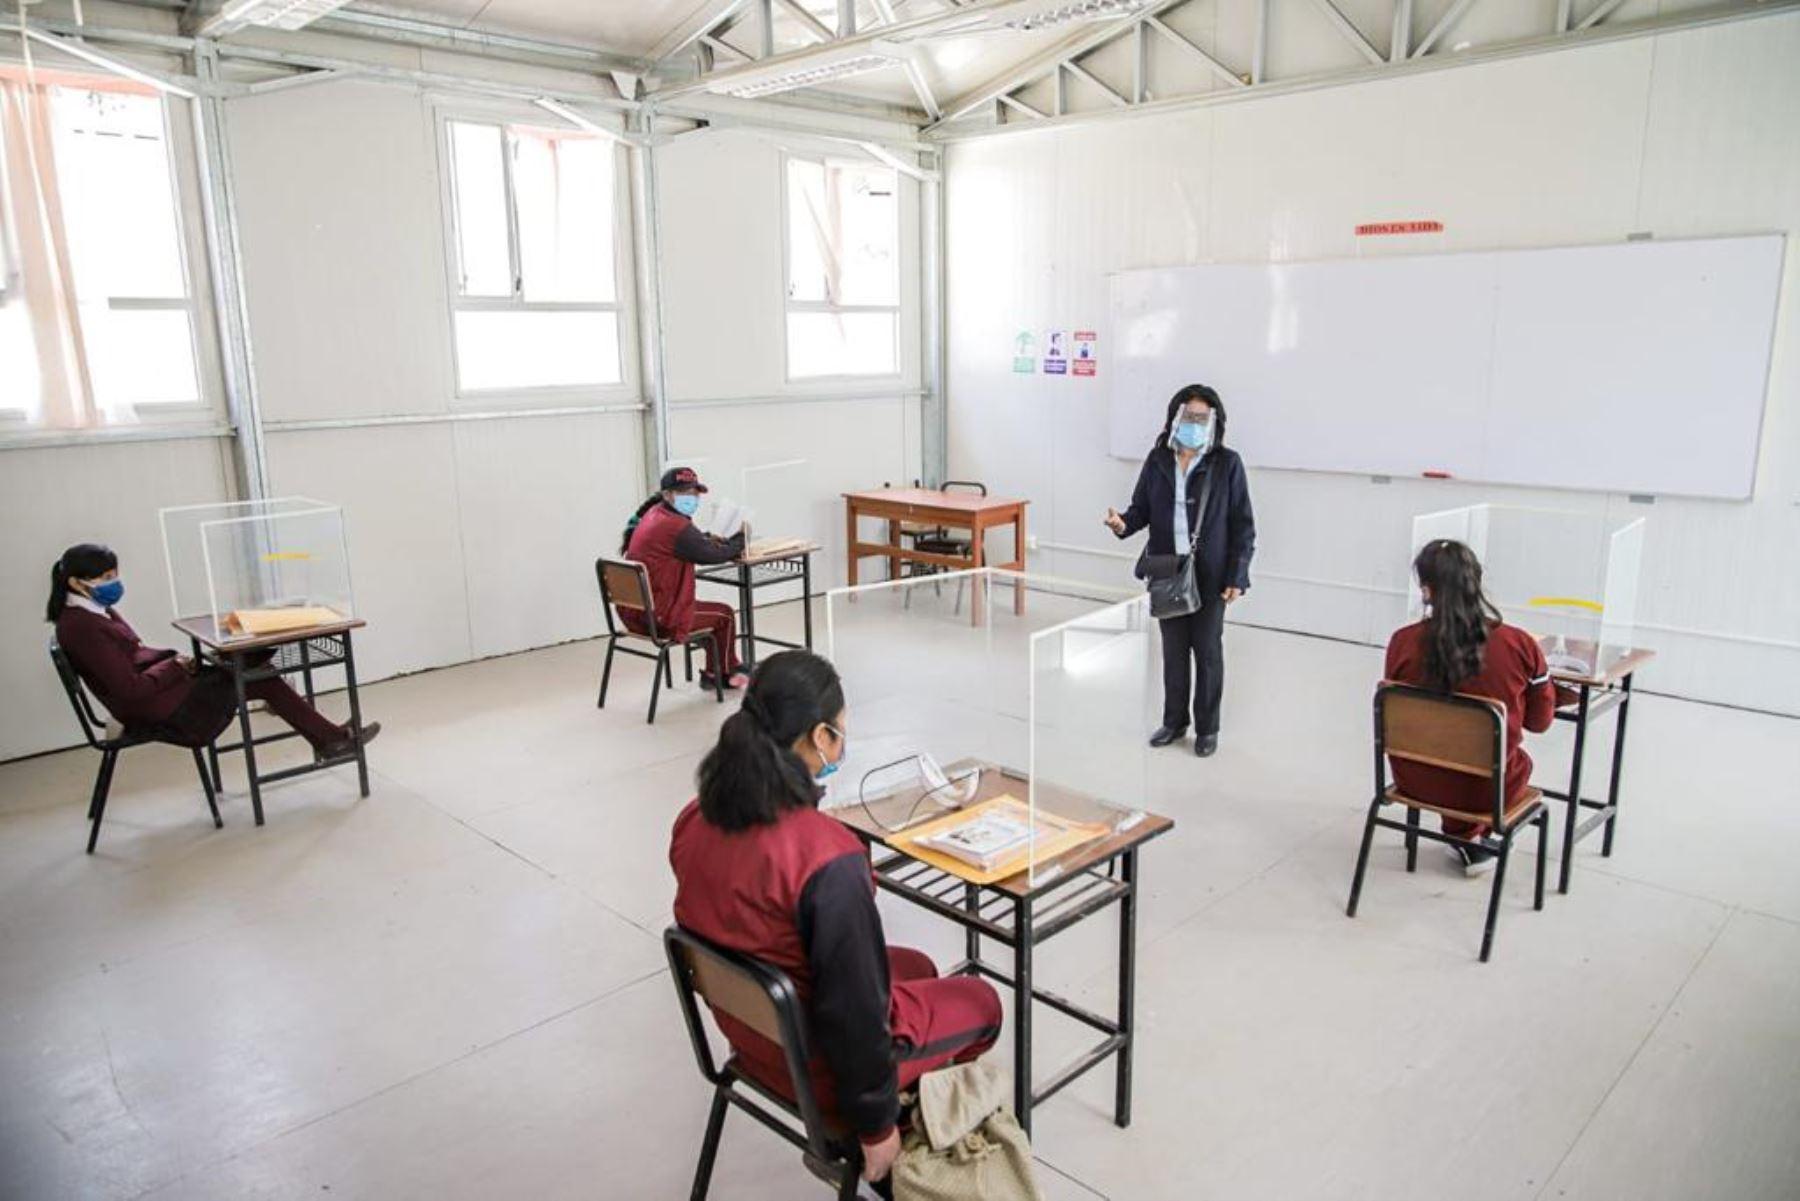 Un grupo de escolares de la institución educativa San Cristóbal de Arequipa reanudaron clases presenciales siguiendo todos los protocolos de seguridad. Foto: ANDINA/Difusión